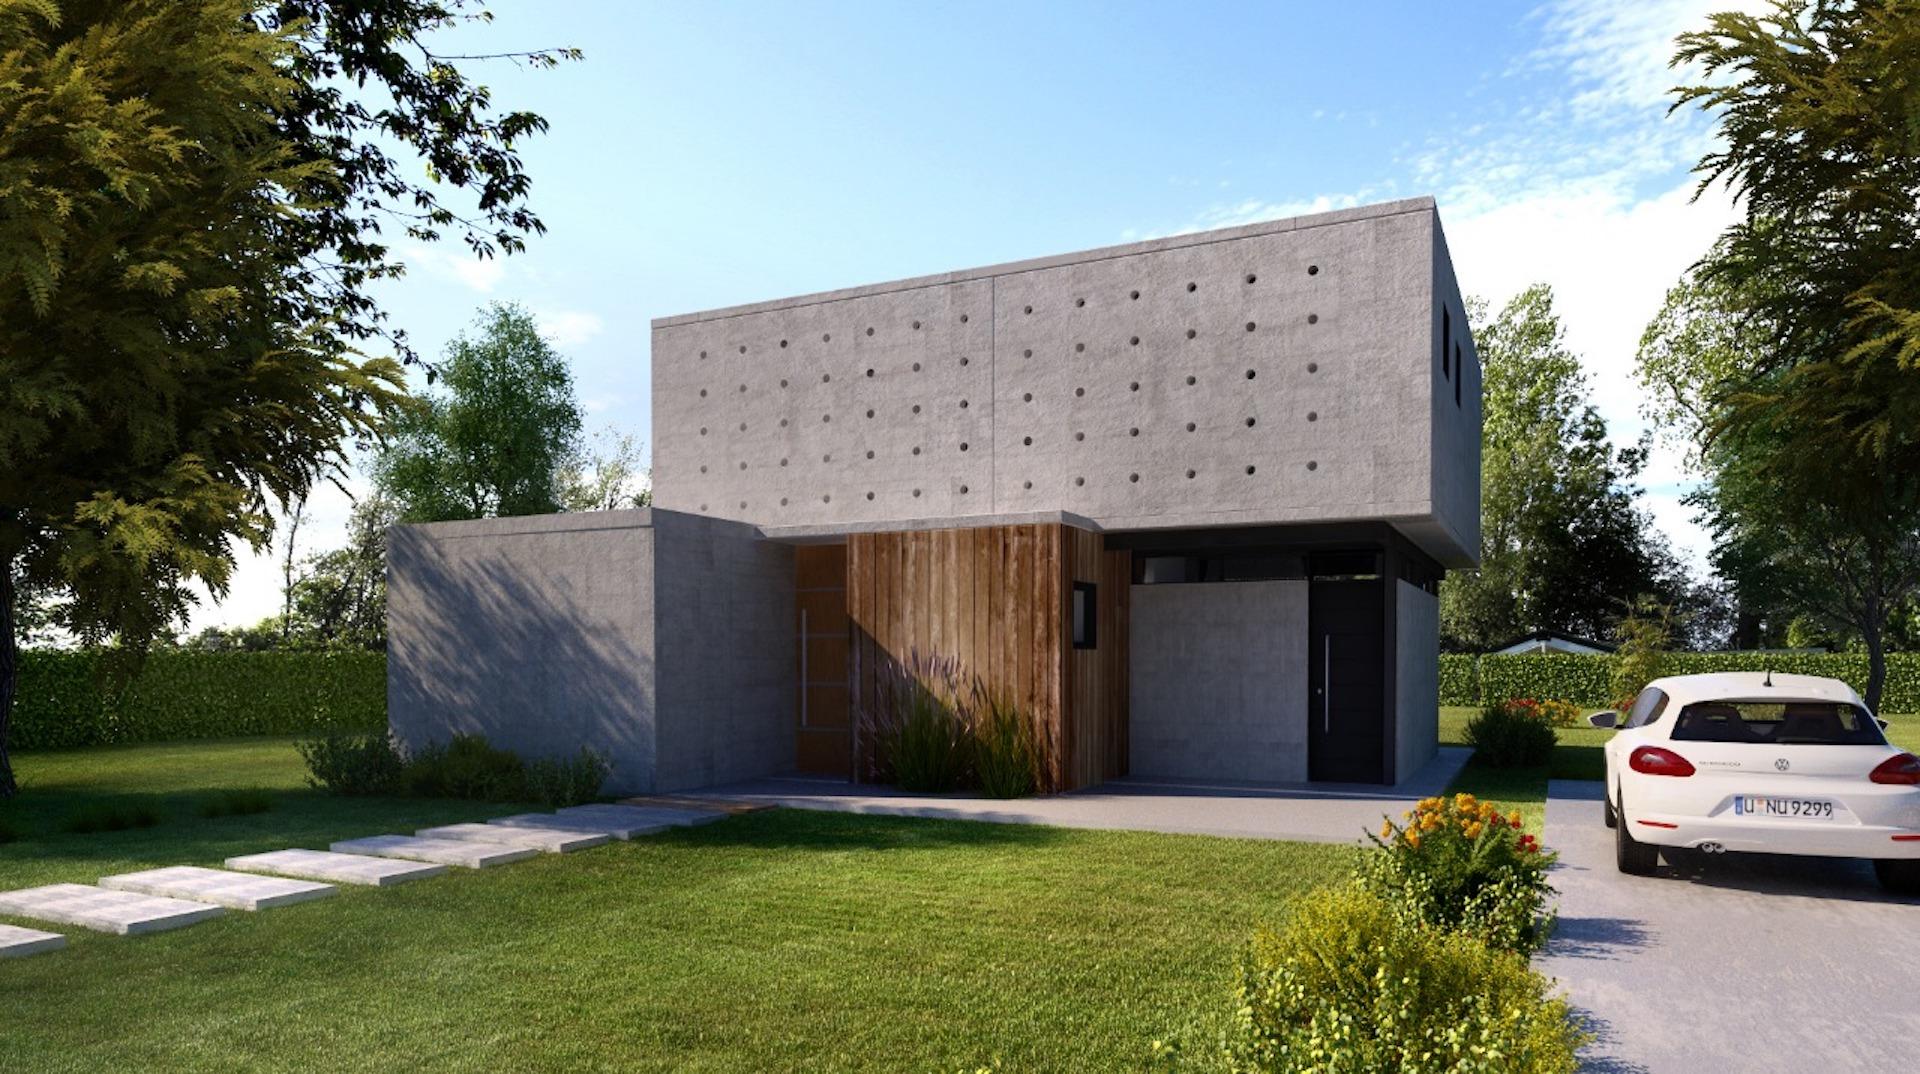 Terraz incorpora casas de hormigón para barrios cerrados y countries